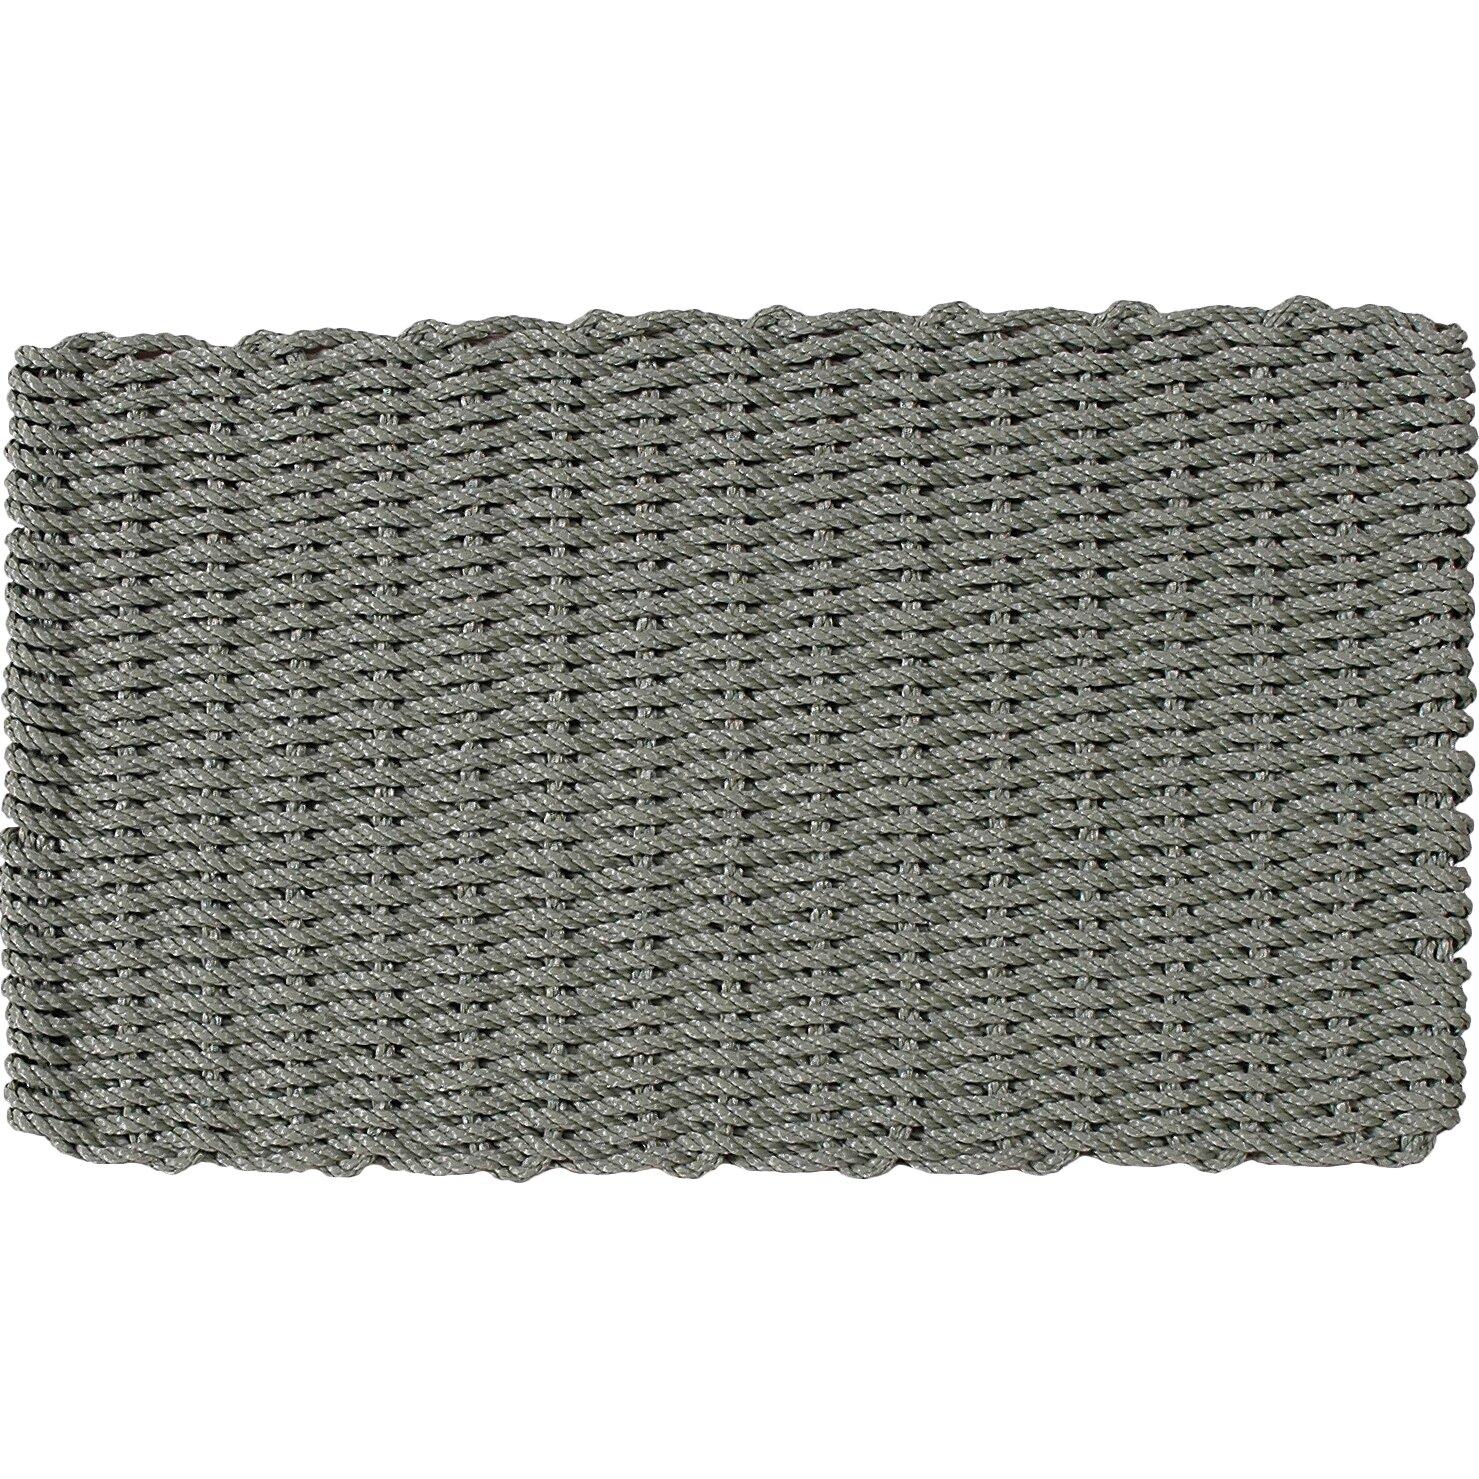 Outdoor doormat wayfair for Outdoor doormats